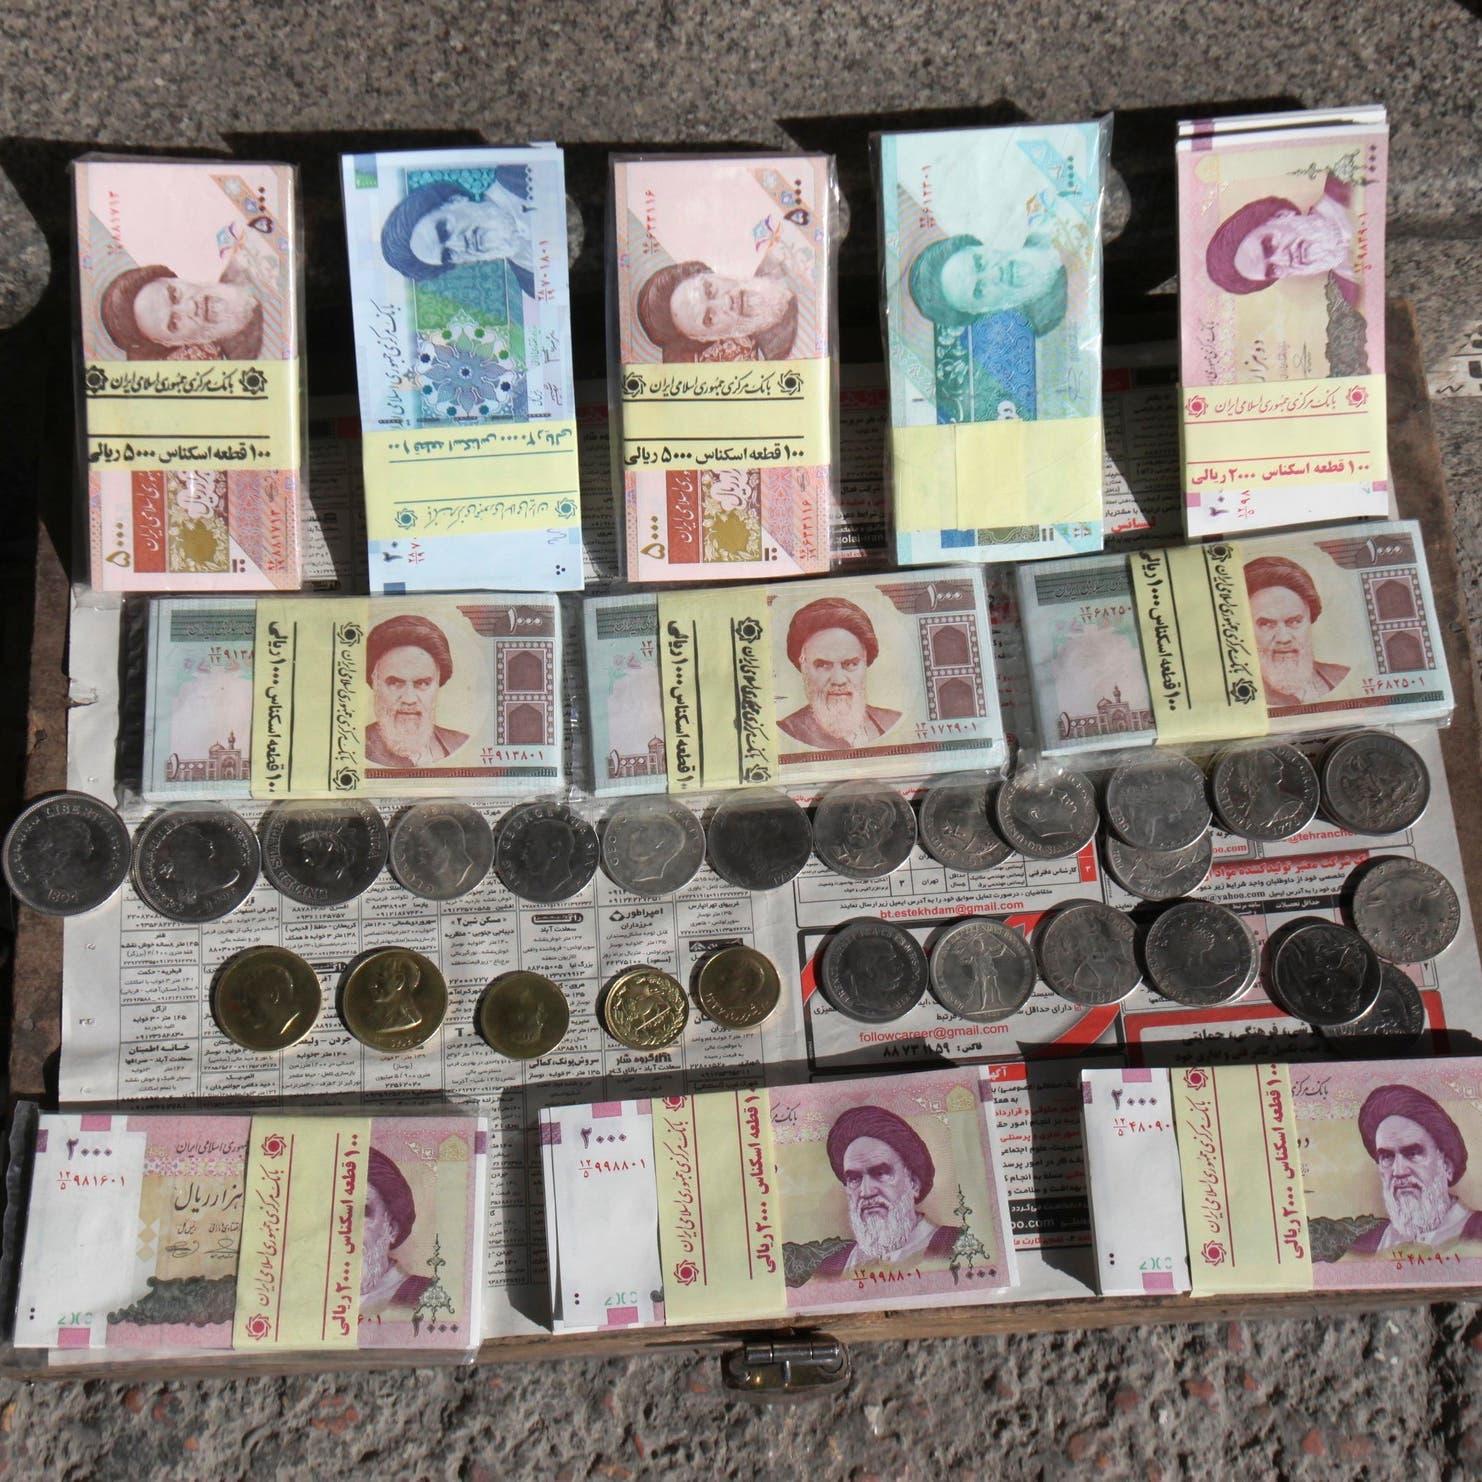 أزمة جديدة تلوح في أفق اقتصاد إيران.. فهل يصمد؟